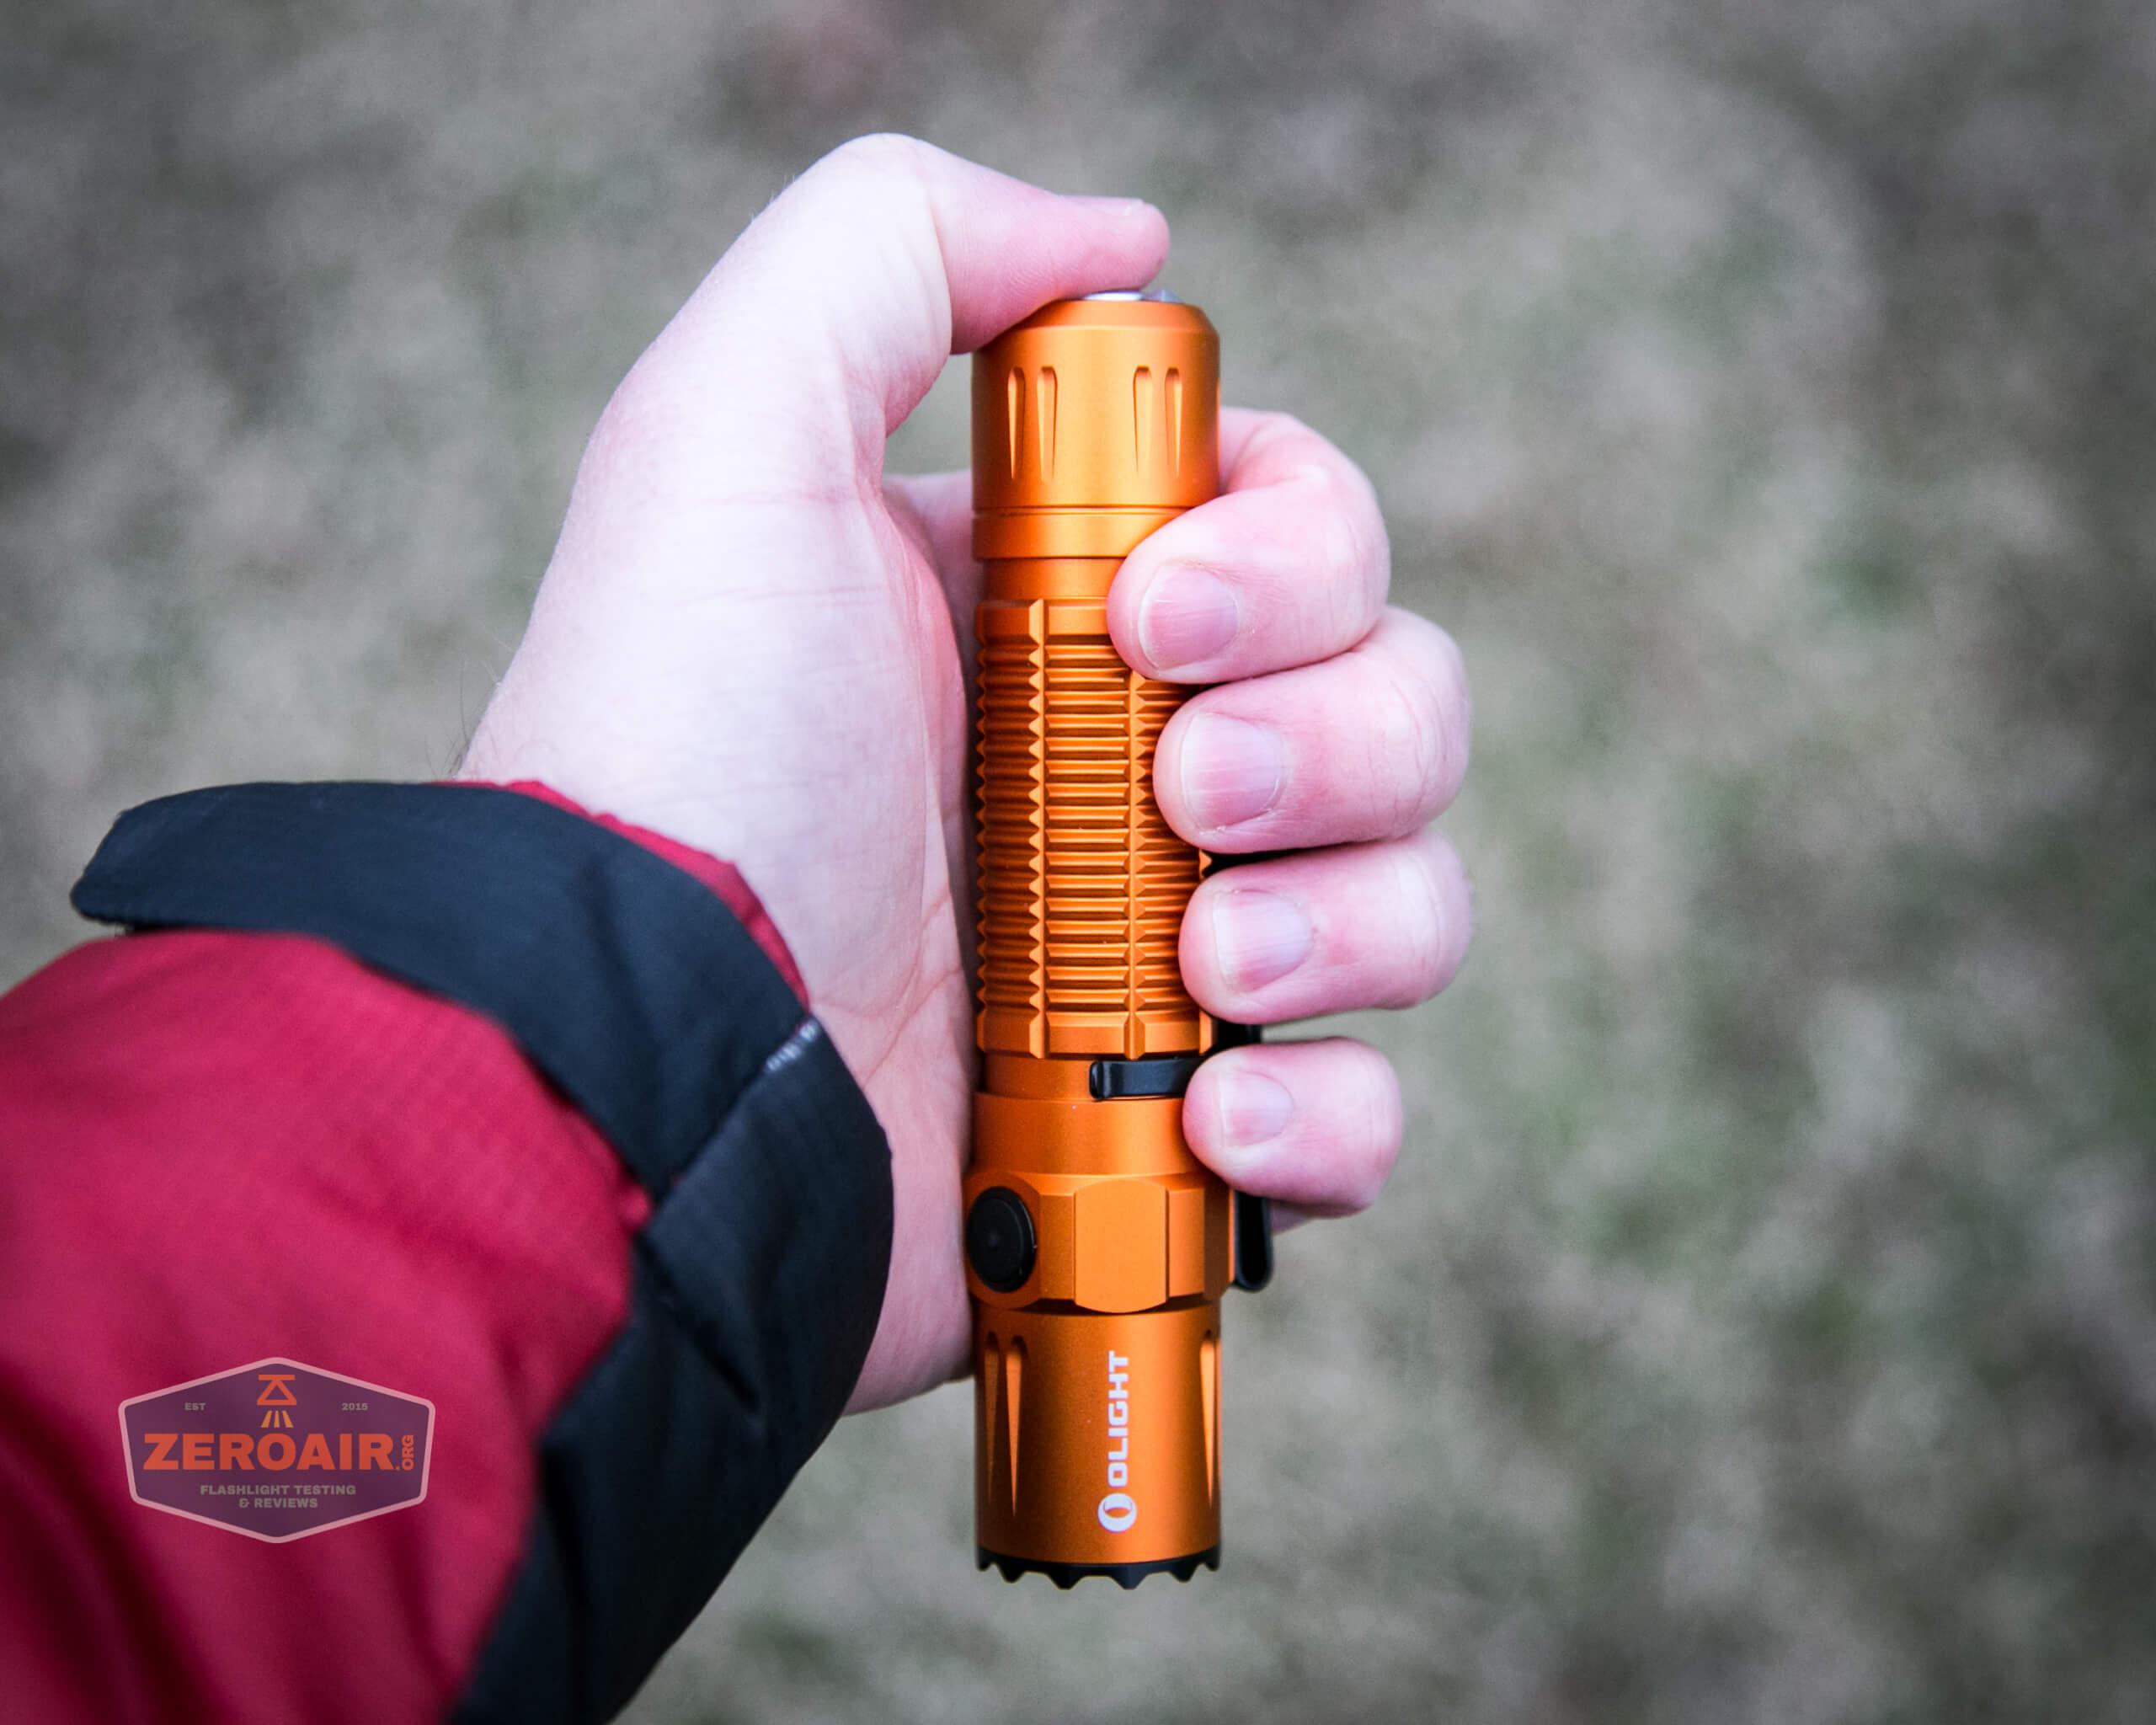 Olight M2R Pro Warrior Orange in hand